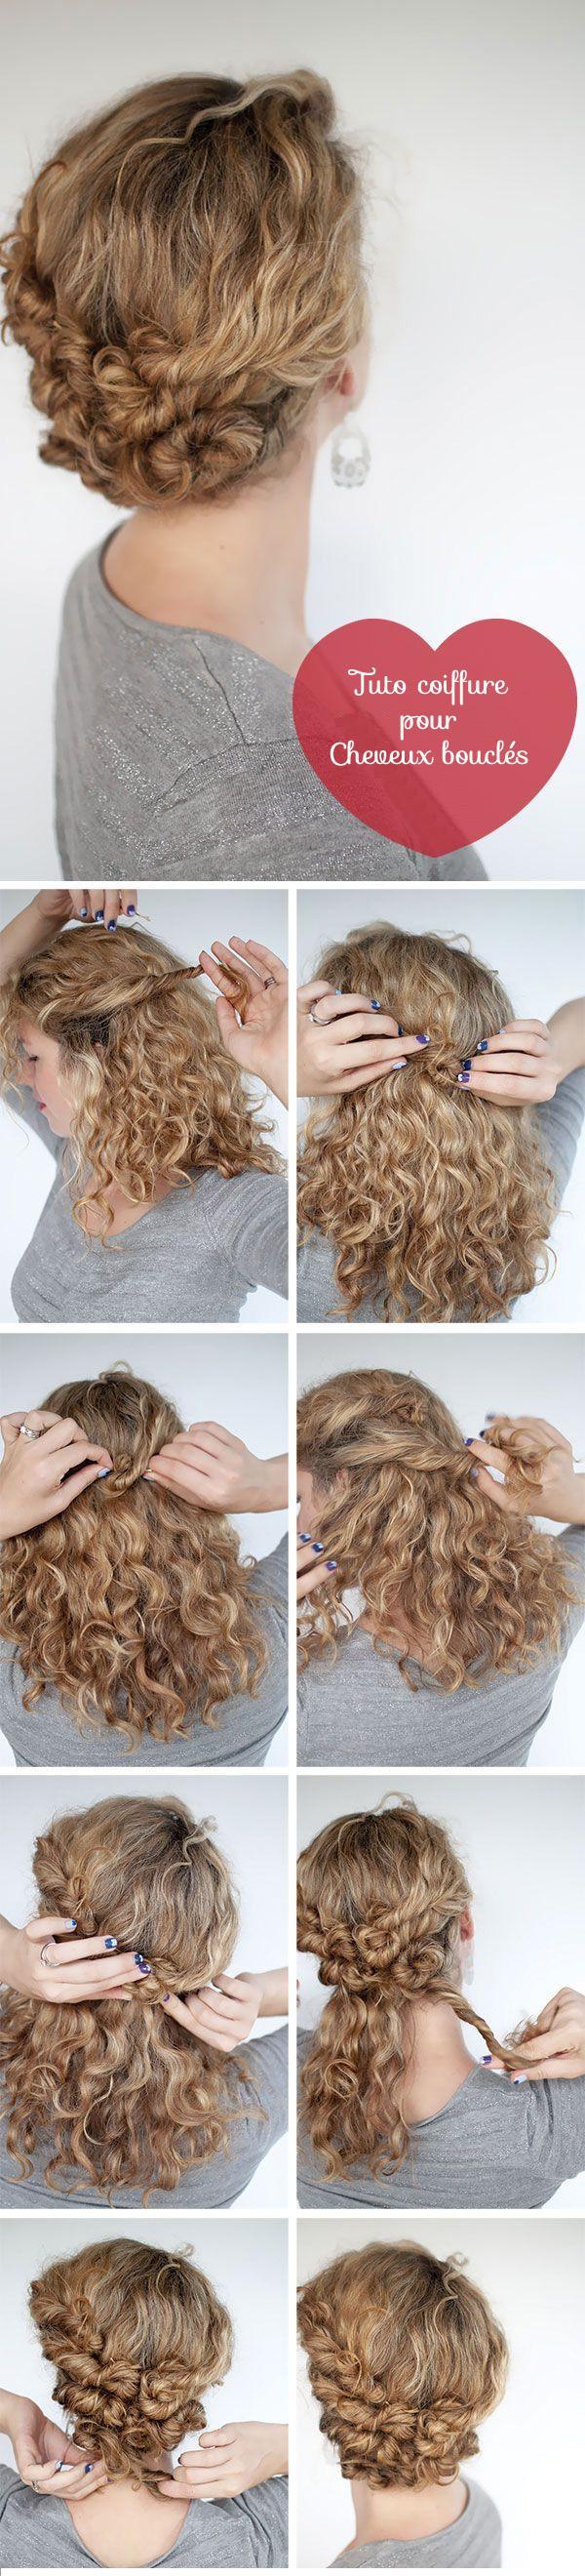 coiffure femme cheveux boucles frises tuto